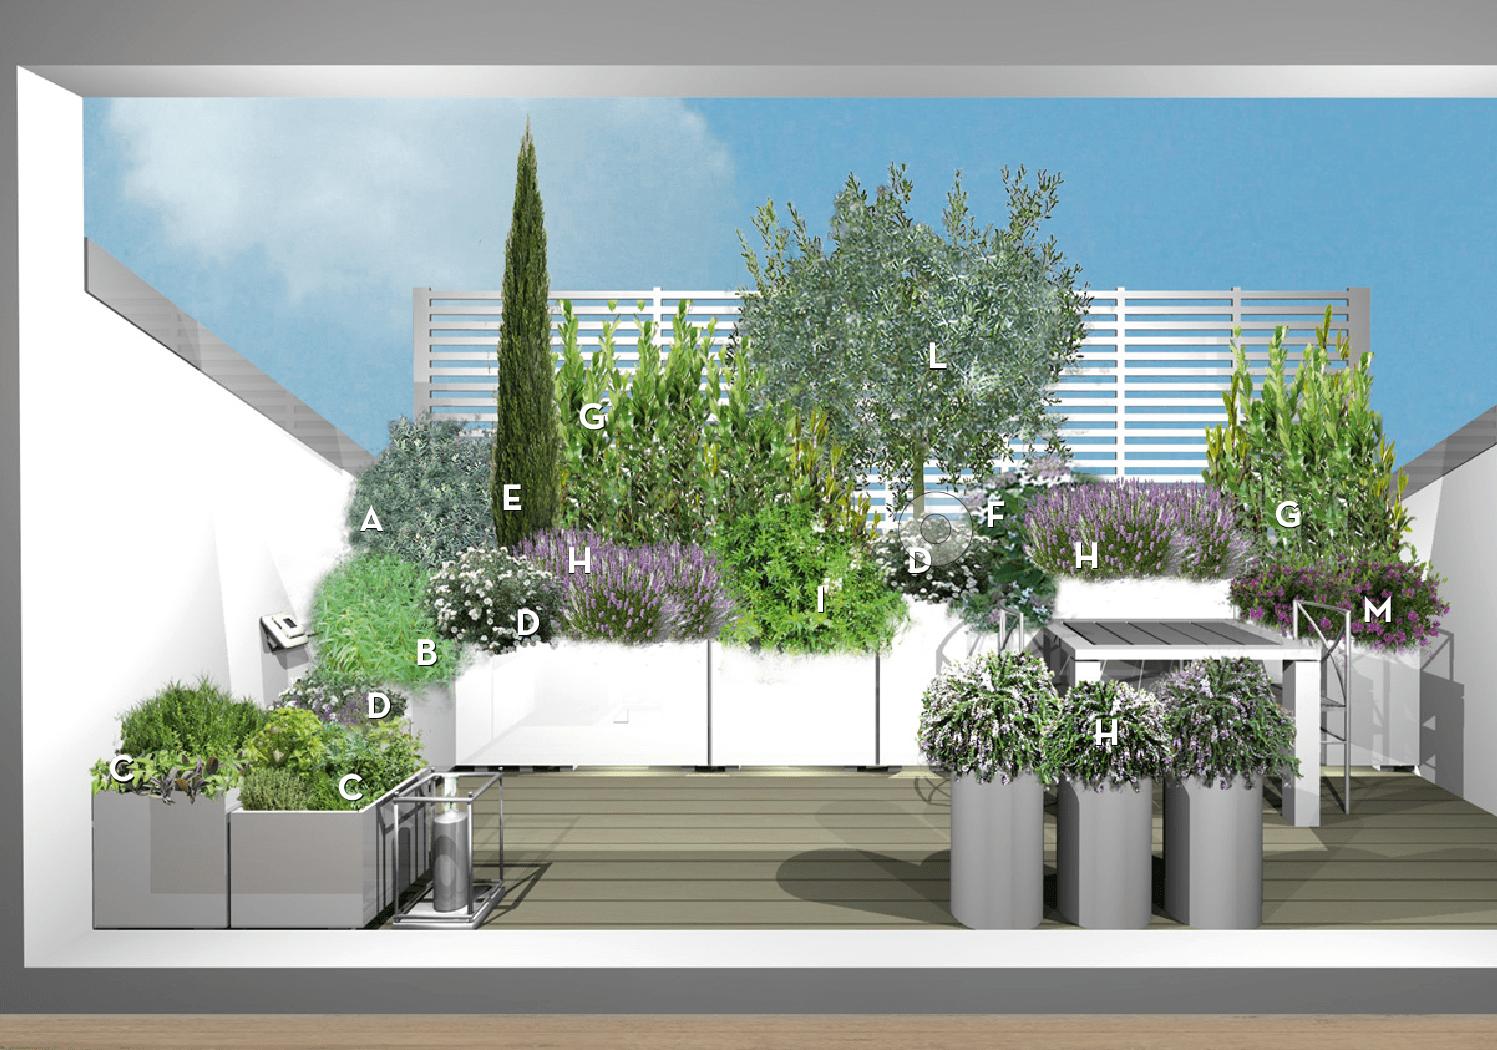 Progetto verde per il terrazzo nel tetto: un angolo mediterraneo in ...